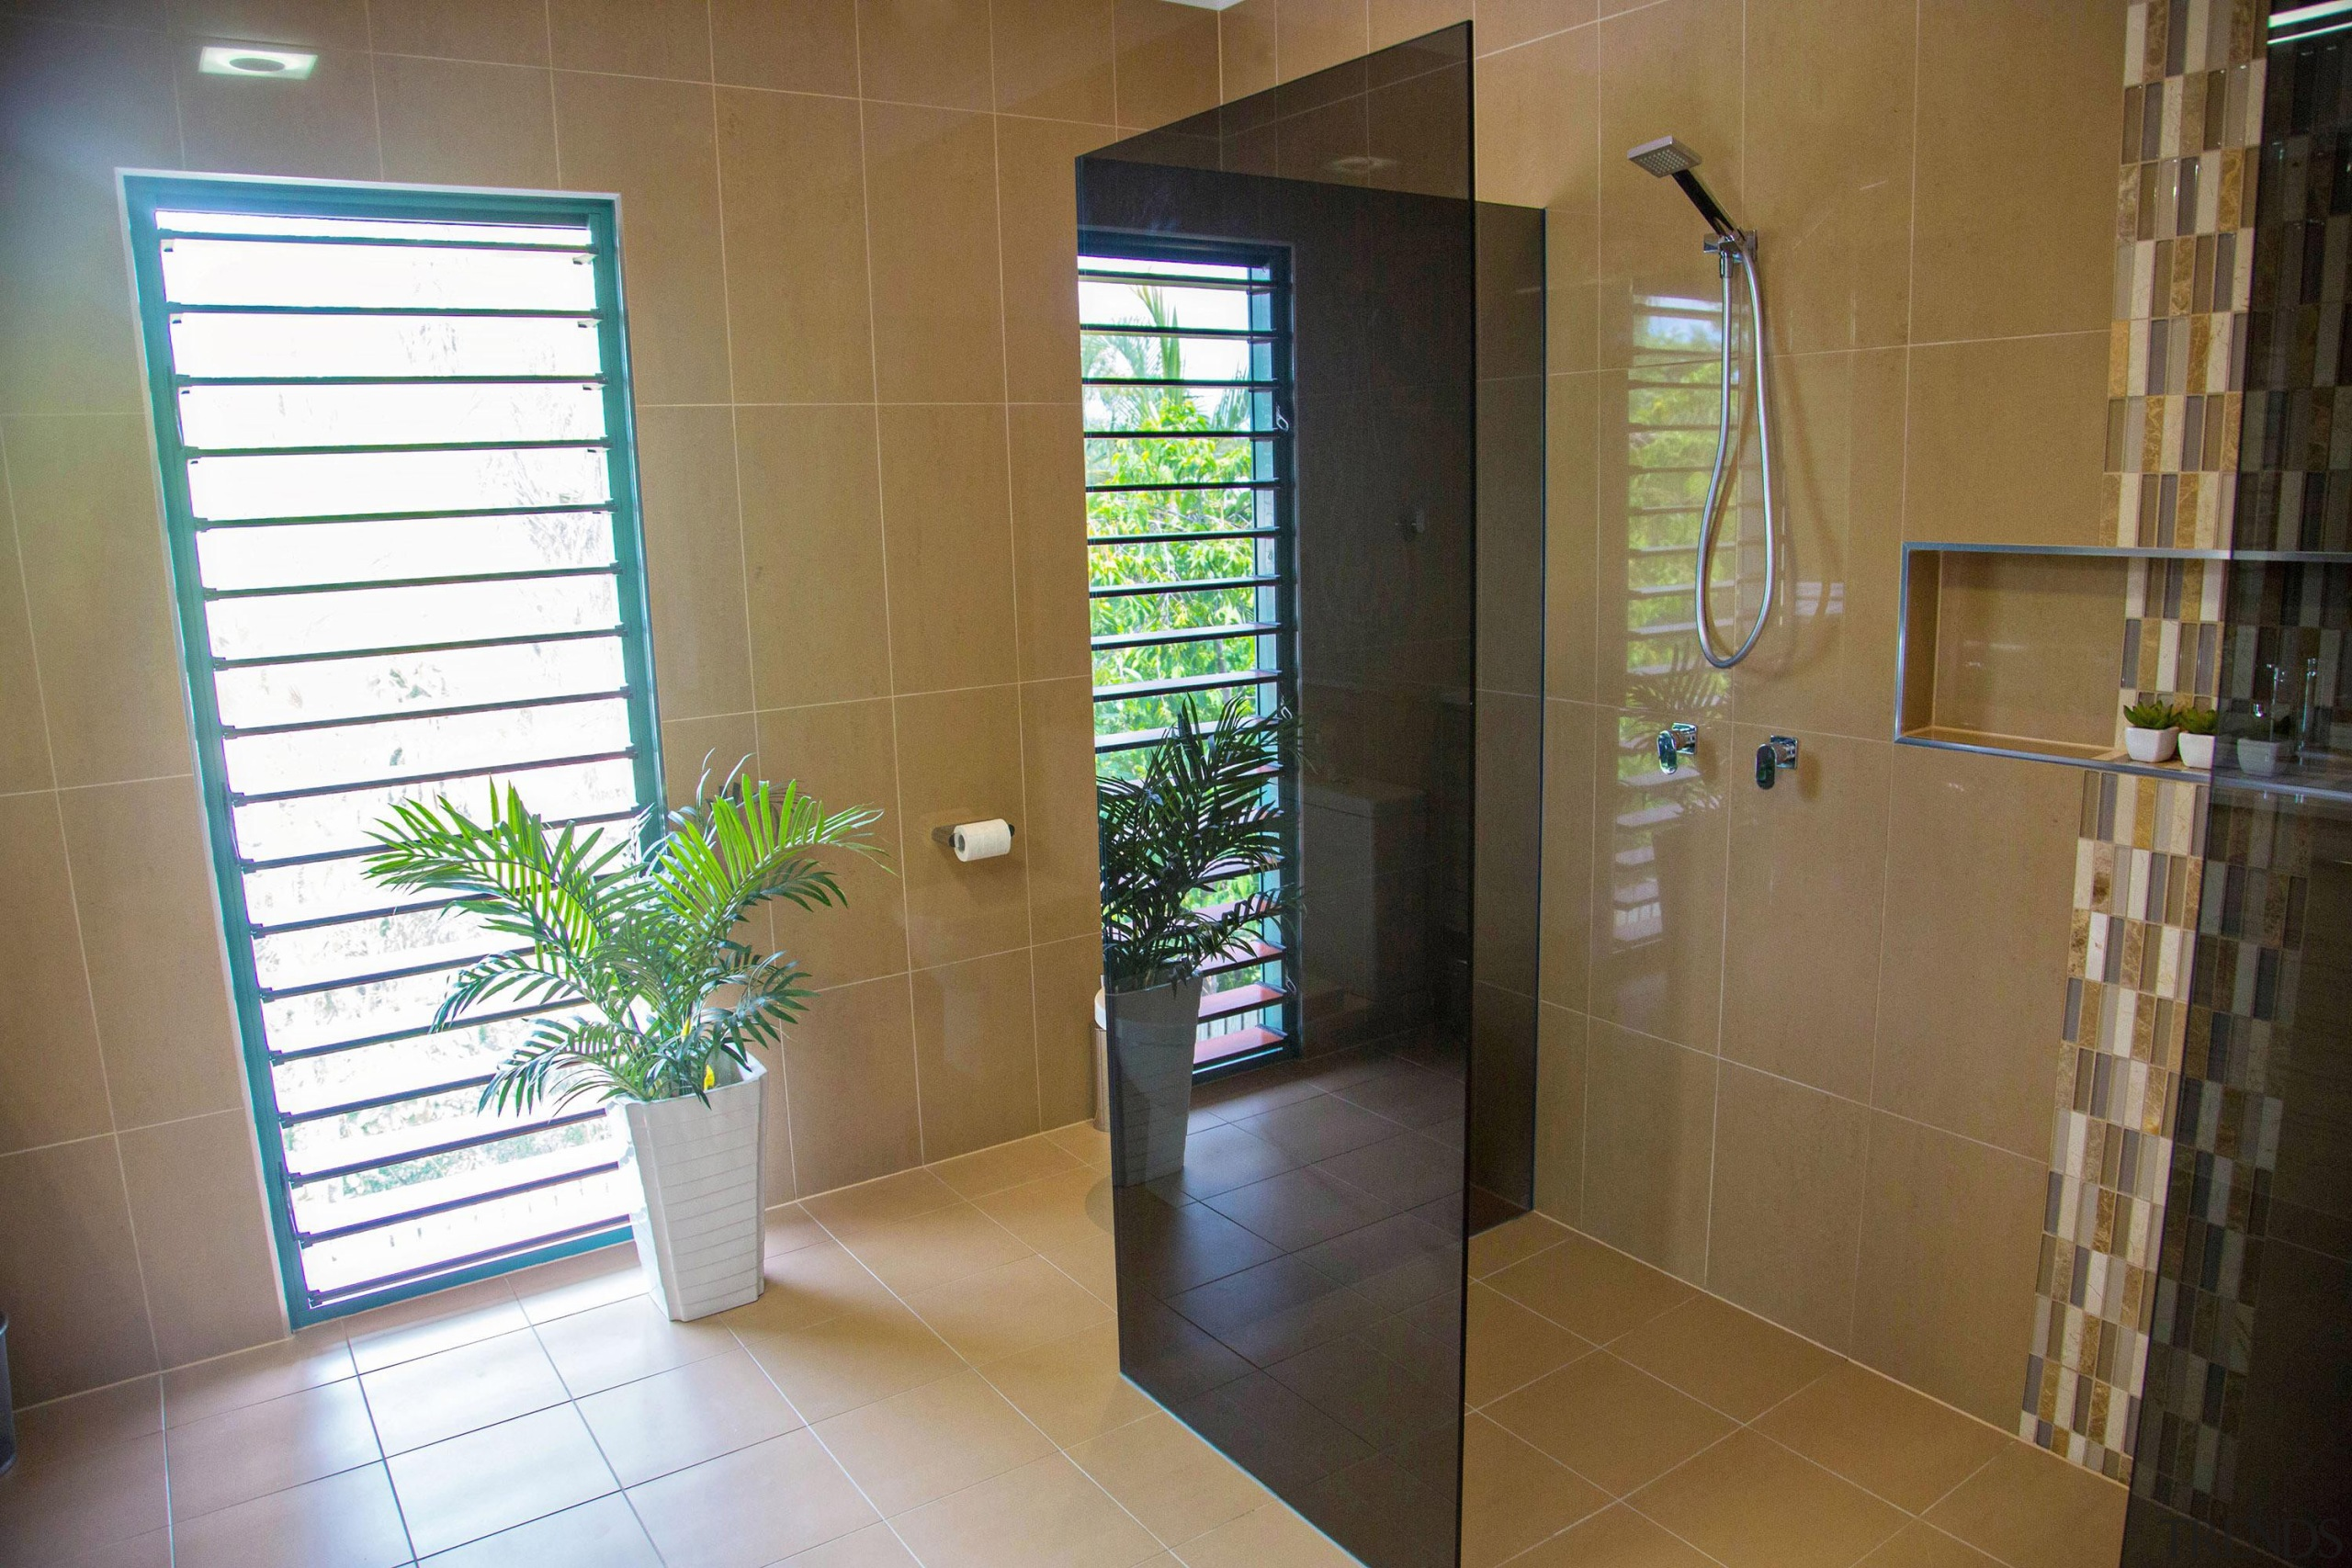 Winner Bathroom of the Year 2013 North Queensland bathroom, daylighting, door, estate, floor, flooring, home, interior design, property, real estate, room, tile, window, brown